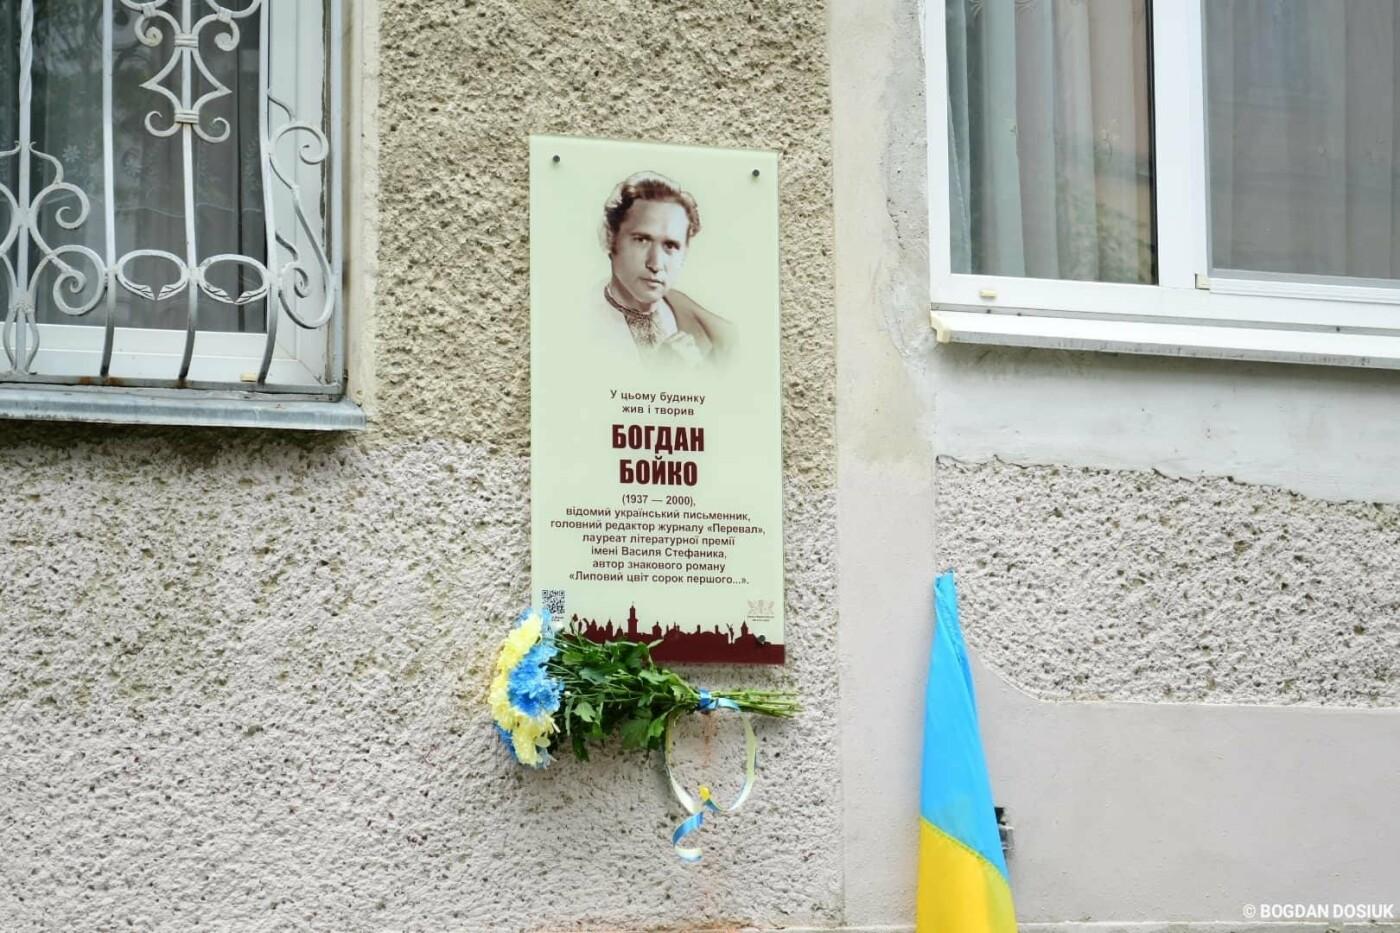 Відомому письменнику та редактору у Франківську відкрили анотаційну дошку. ФОТО, фото-2